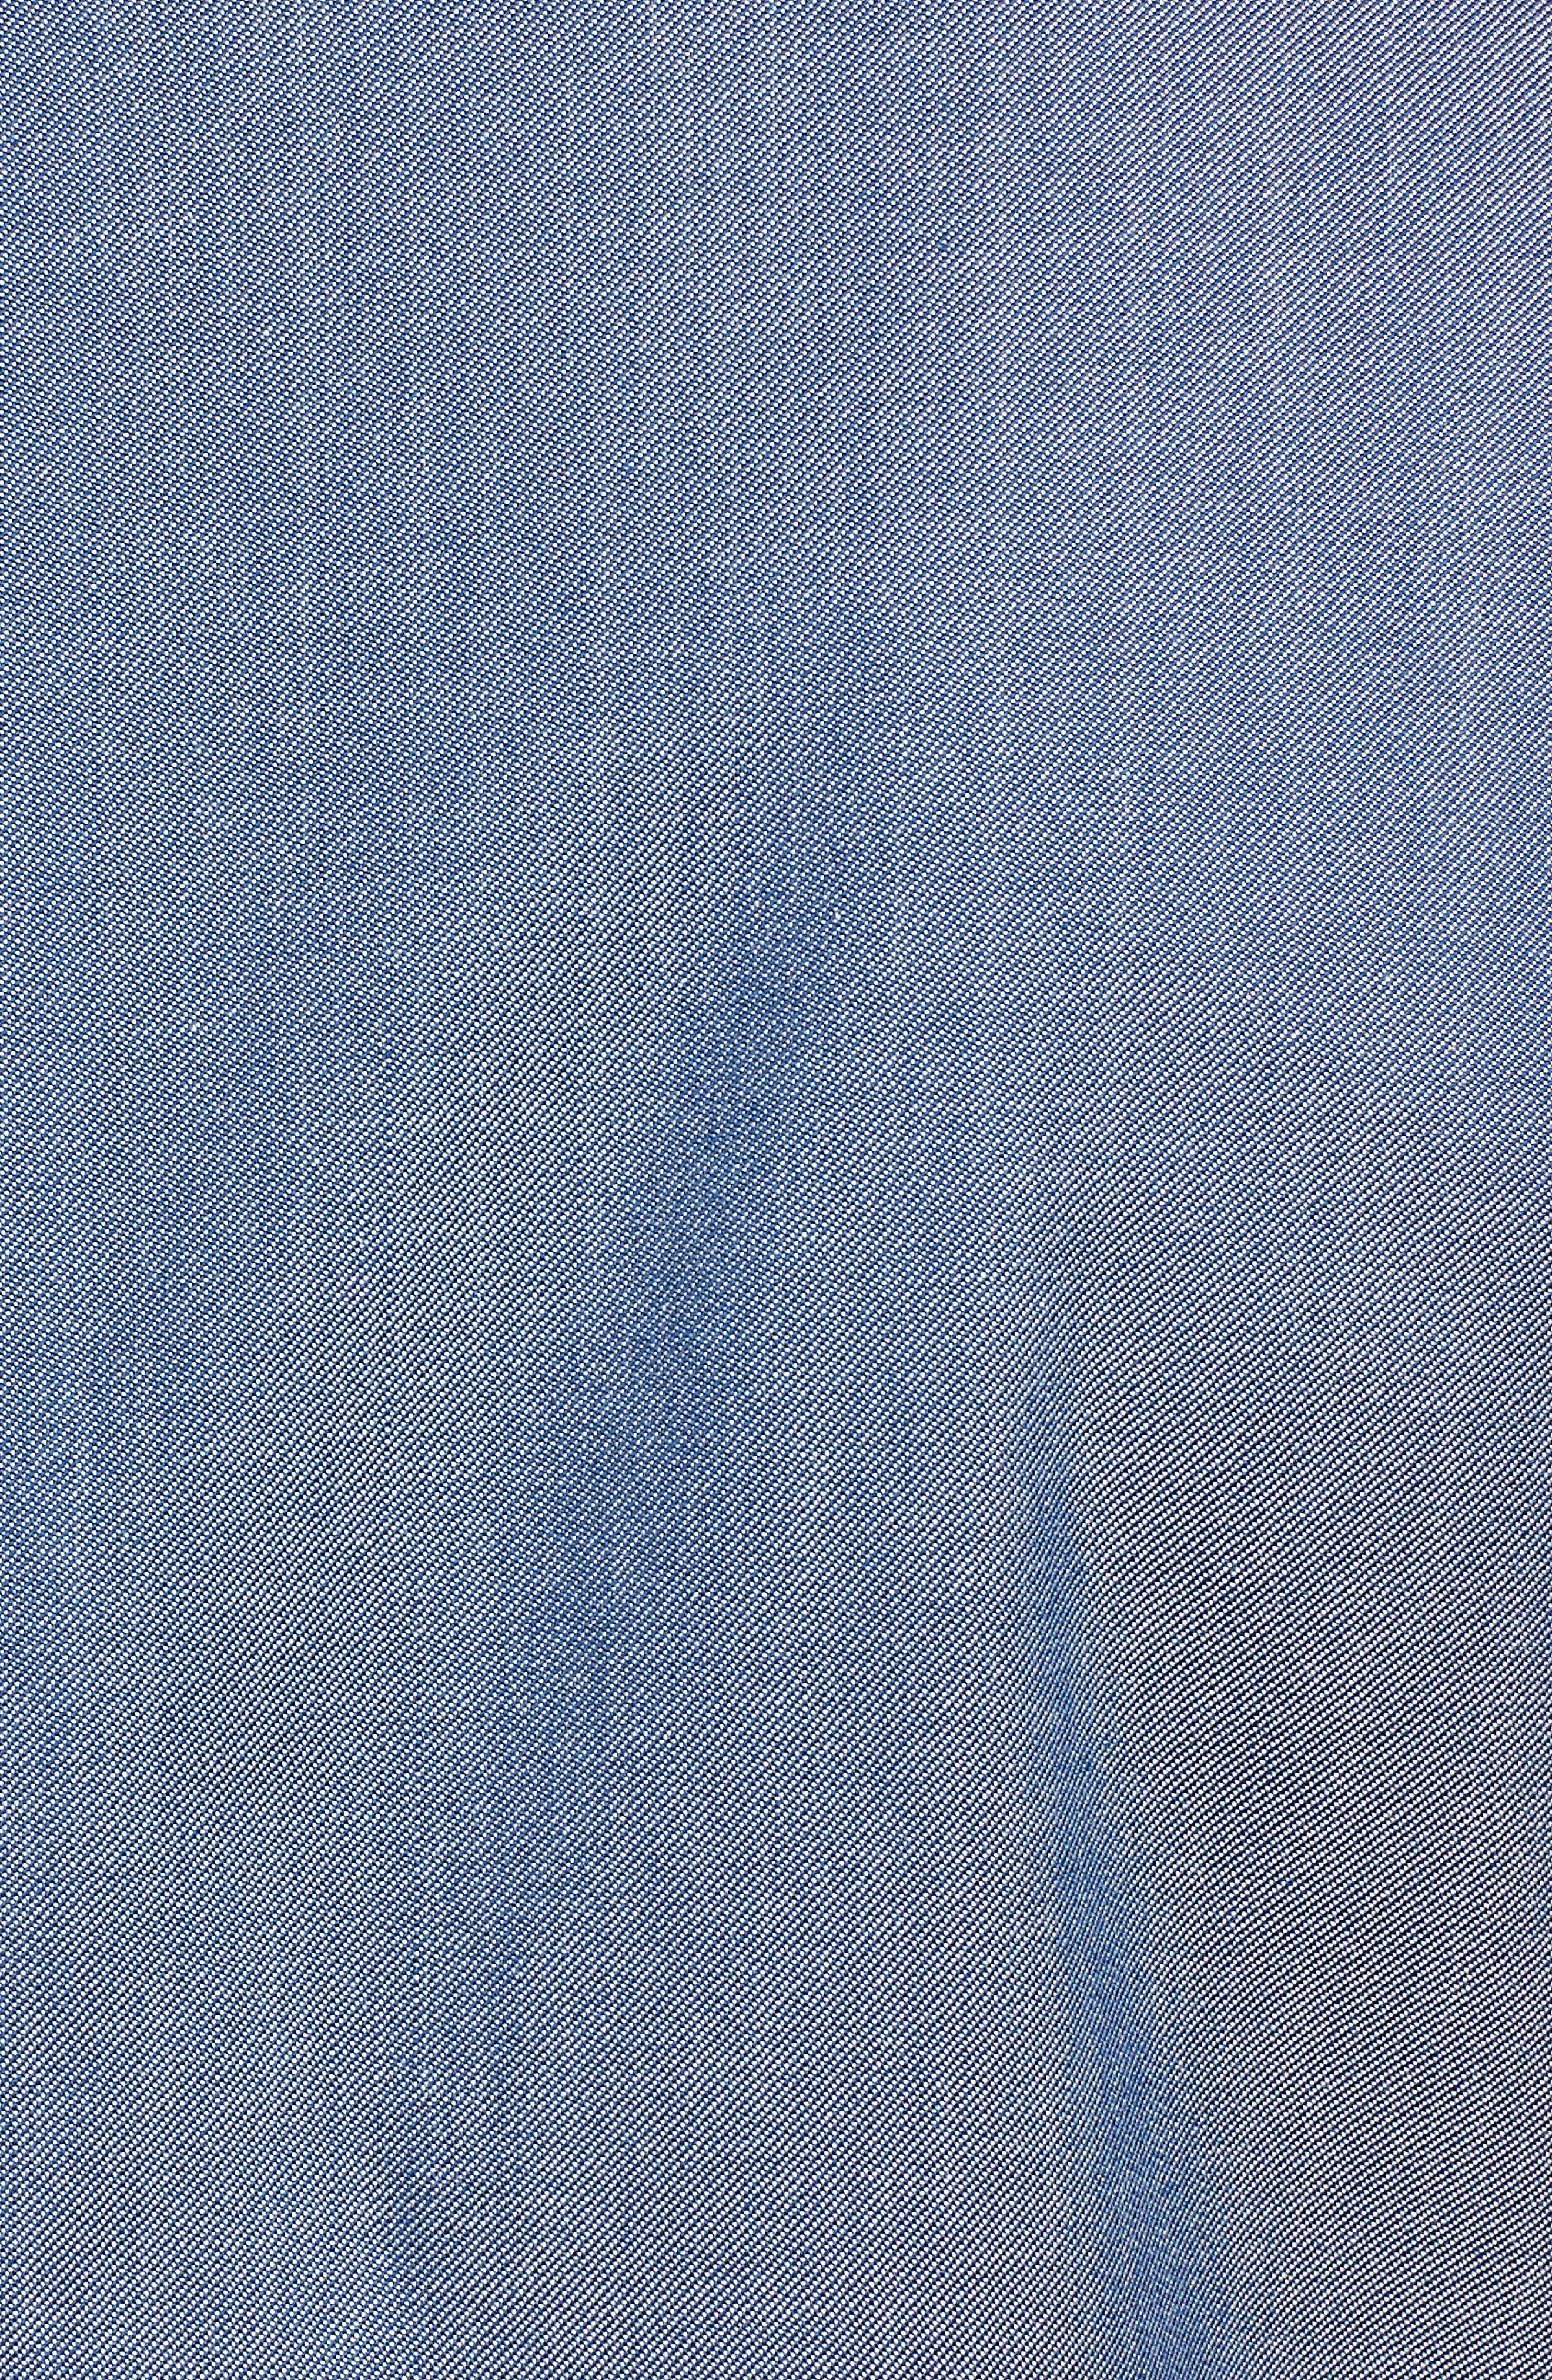 Trim Fit Wool & Cotton Blazer,                             Alternate thumbnail 5, color,                             Blue Denim